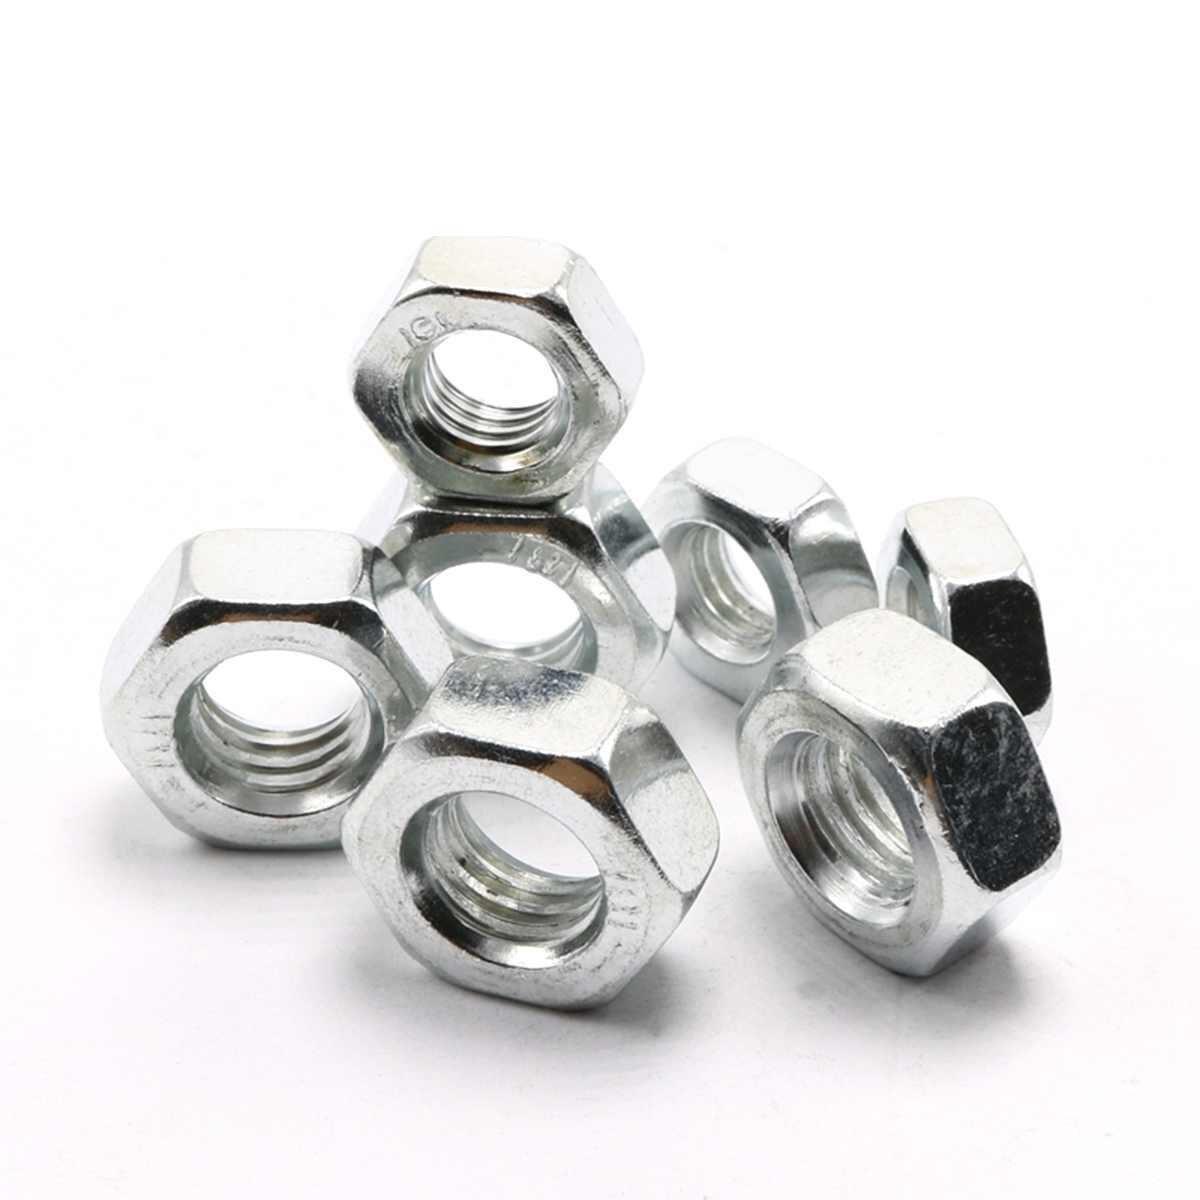 Acero métrico M4 * 0,7 M5 * 0,8 M6 * 1,0 M8 * 1,25 M10 * 1,5 paso tuerca hexagonal de rosca izquierda